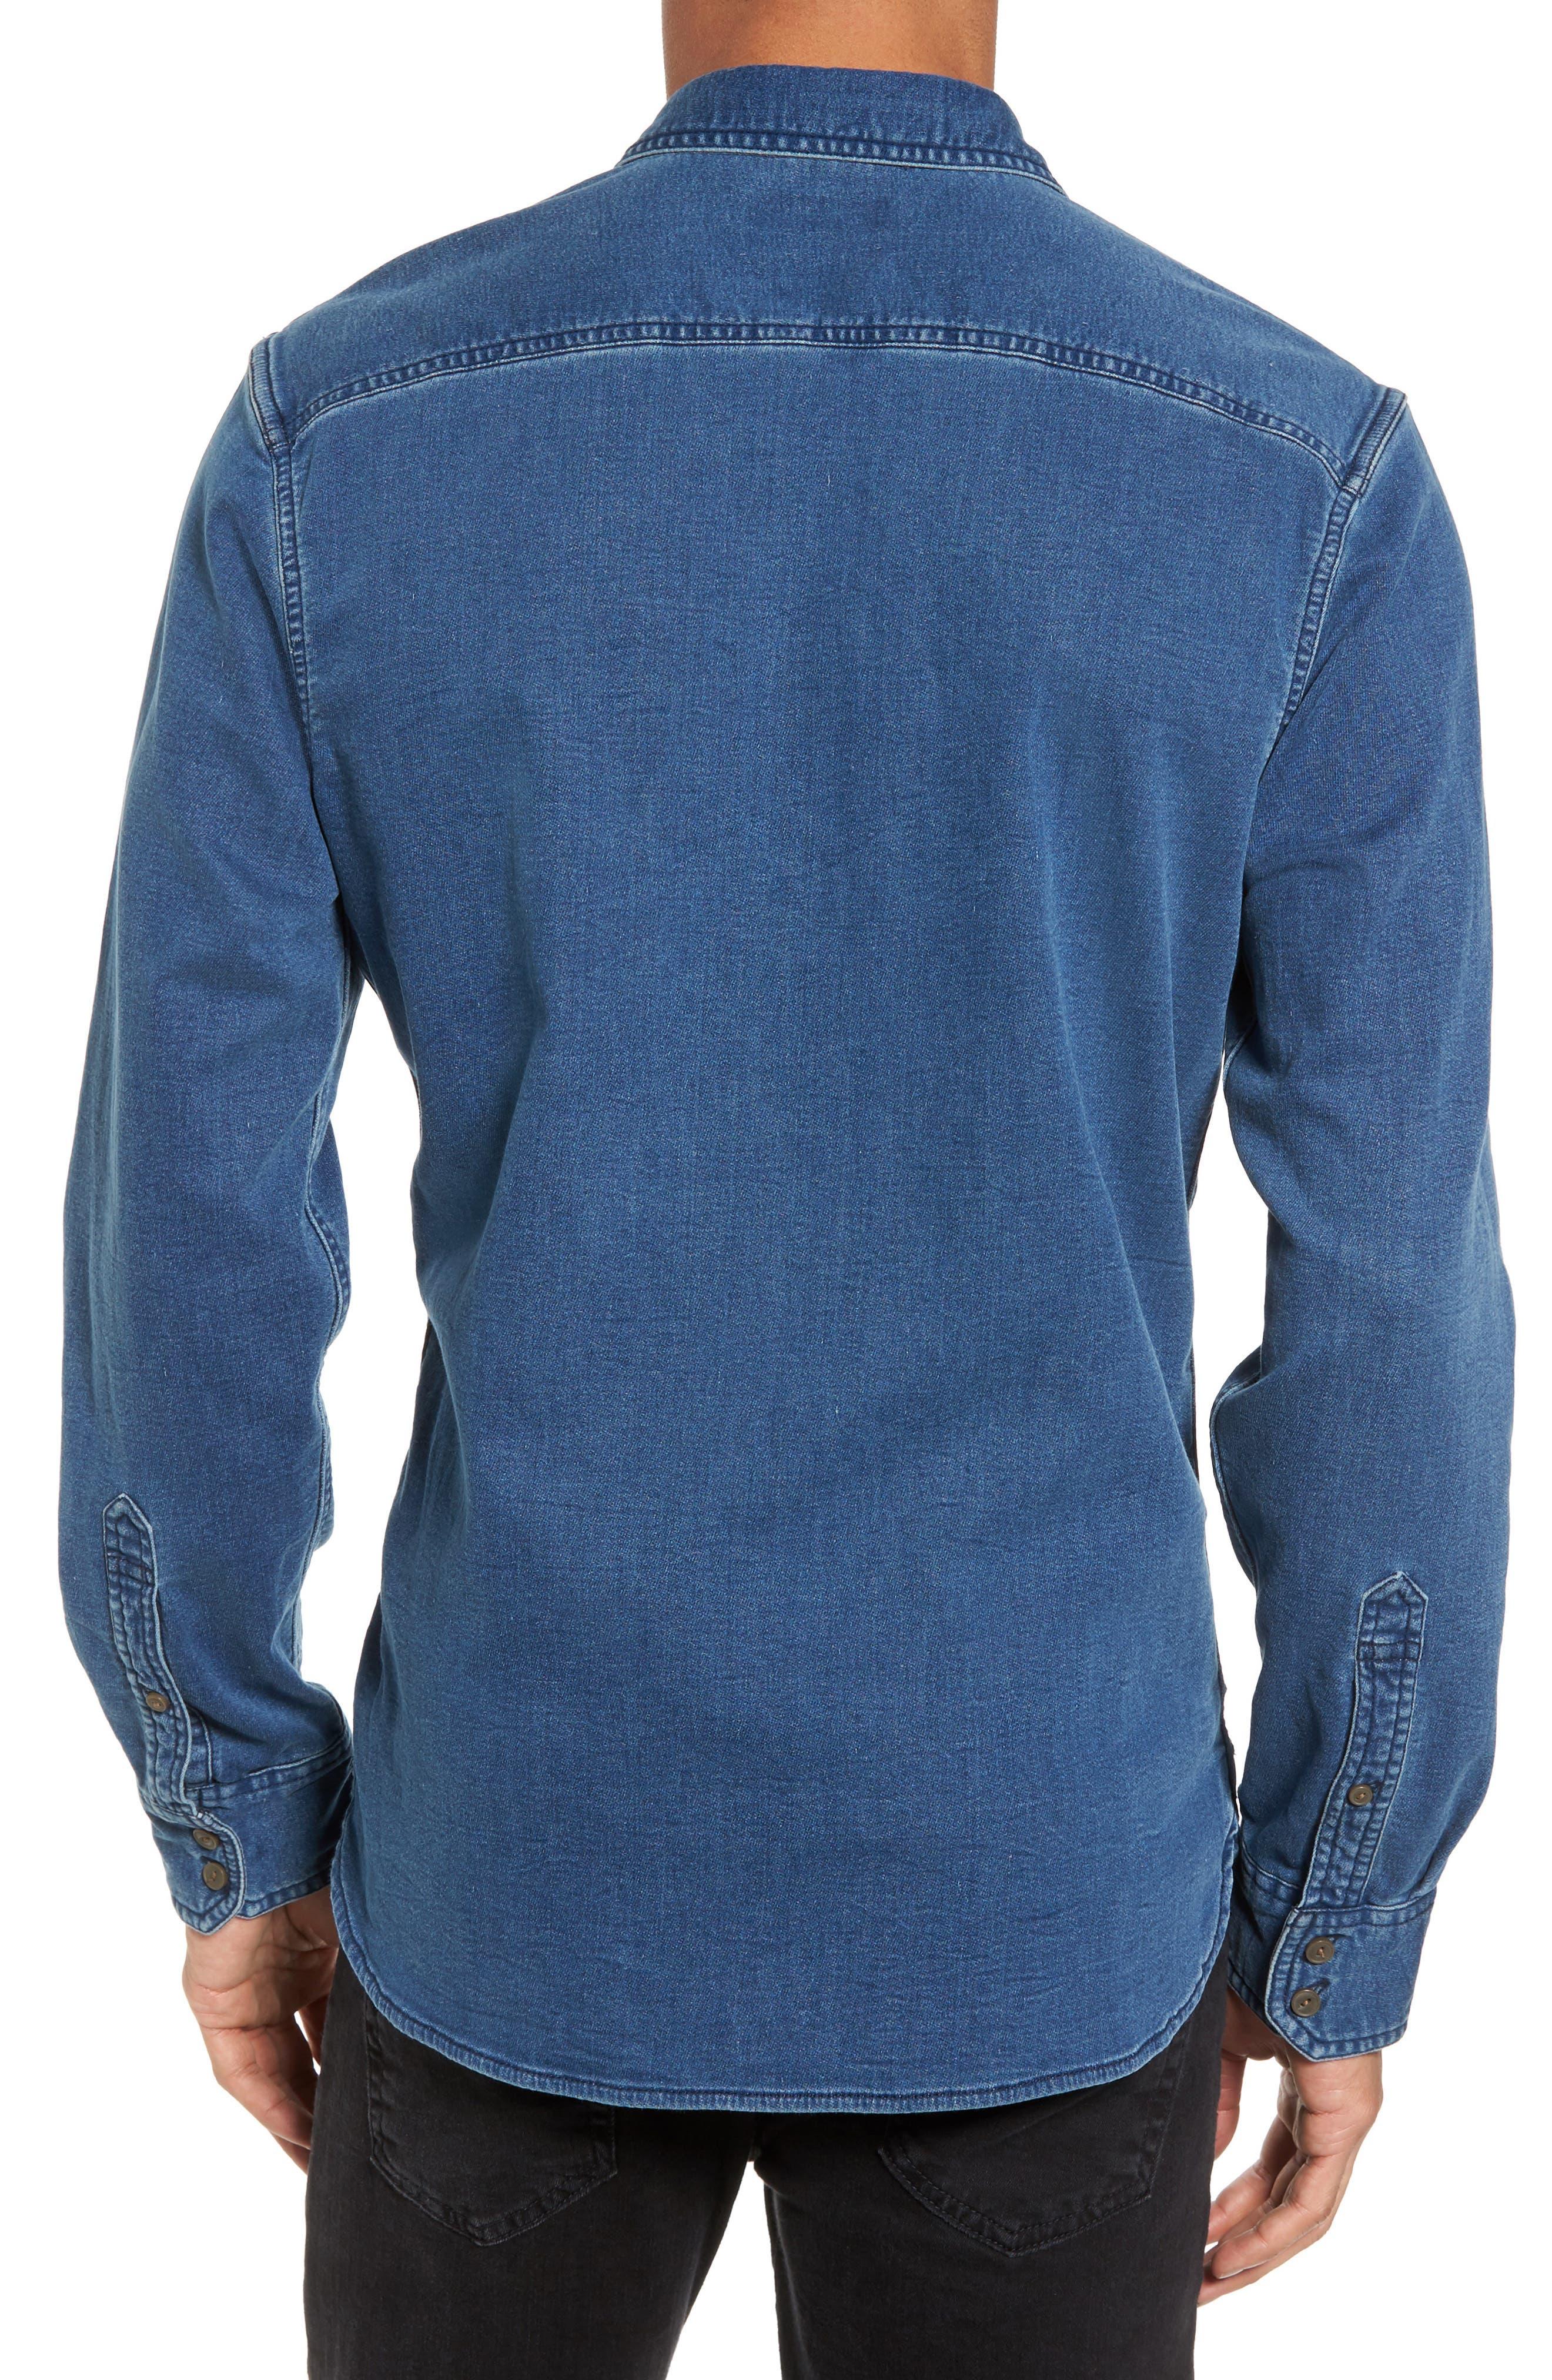 Alternate Image 2  - Nordstrom Men's Shop Trim Fit Utility Wash Knit Denim Shirt